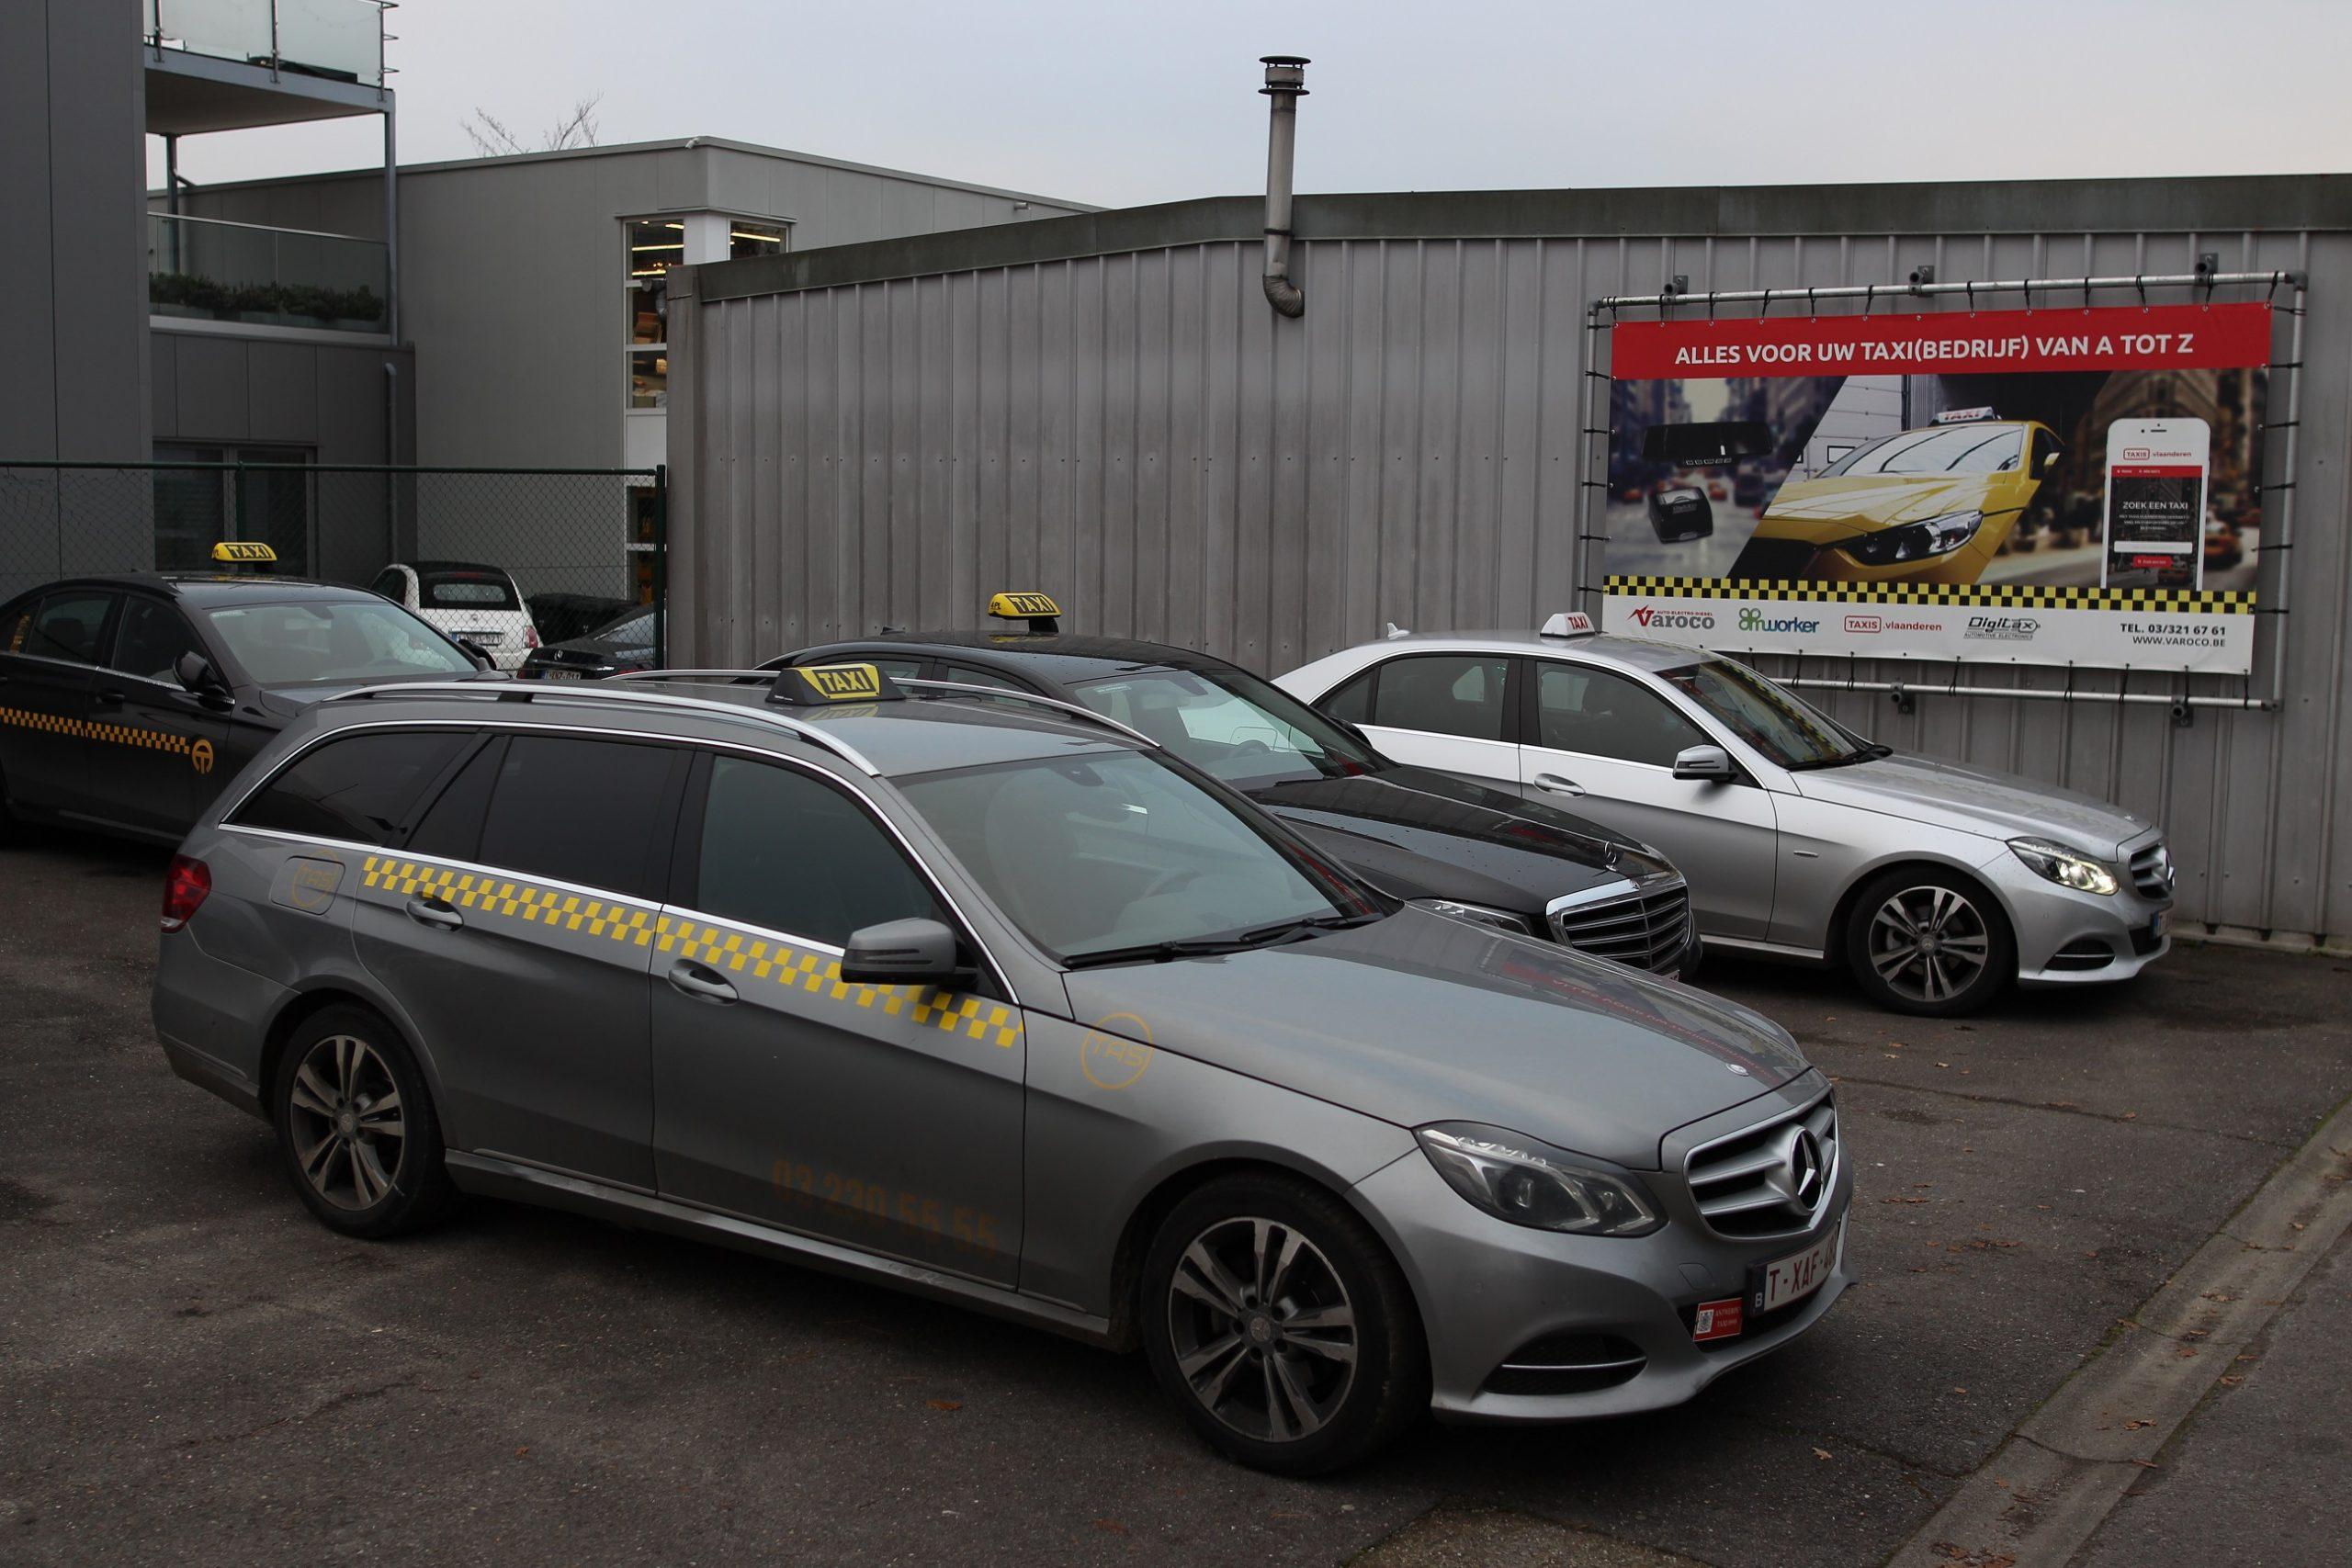 Taxi's op de parkeerplaats van taxigarage Varoco in Wommelgem